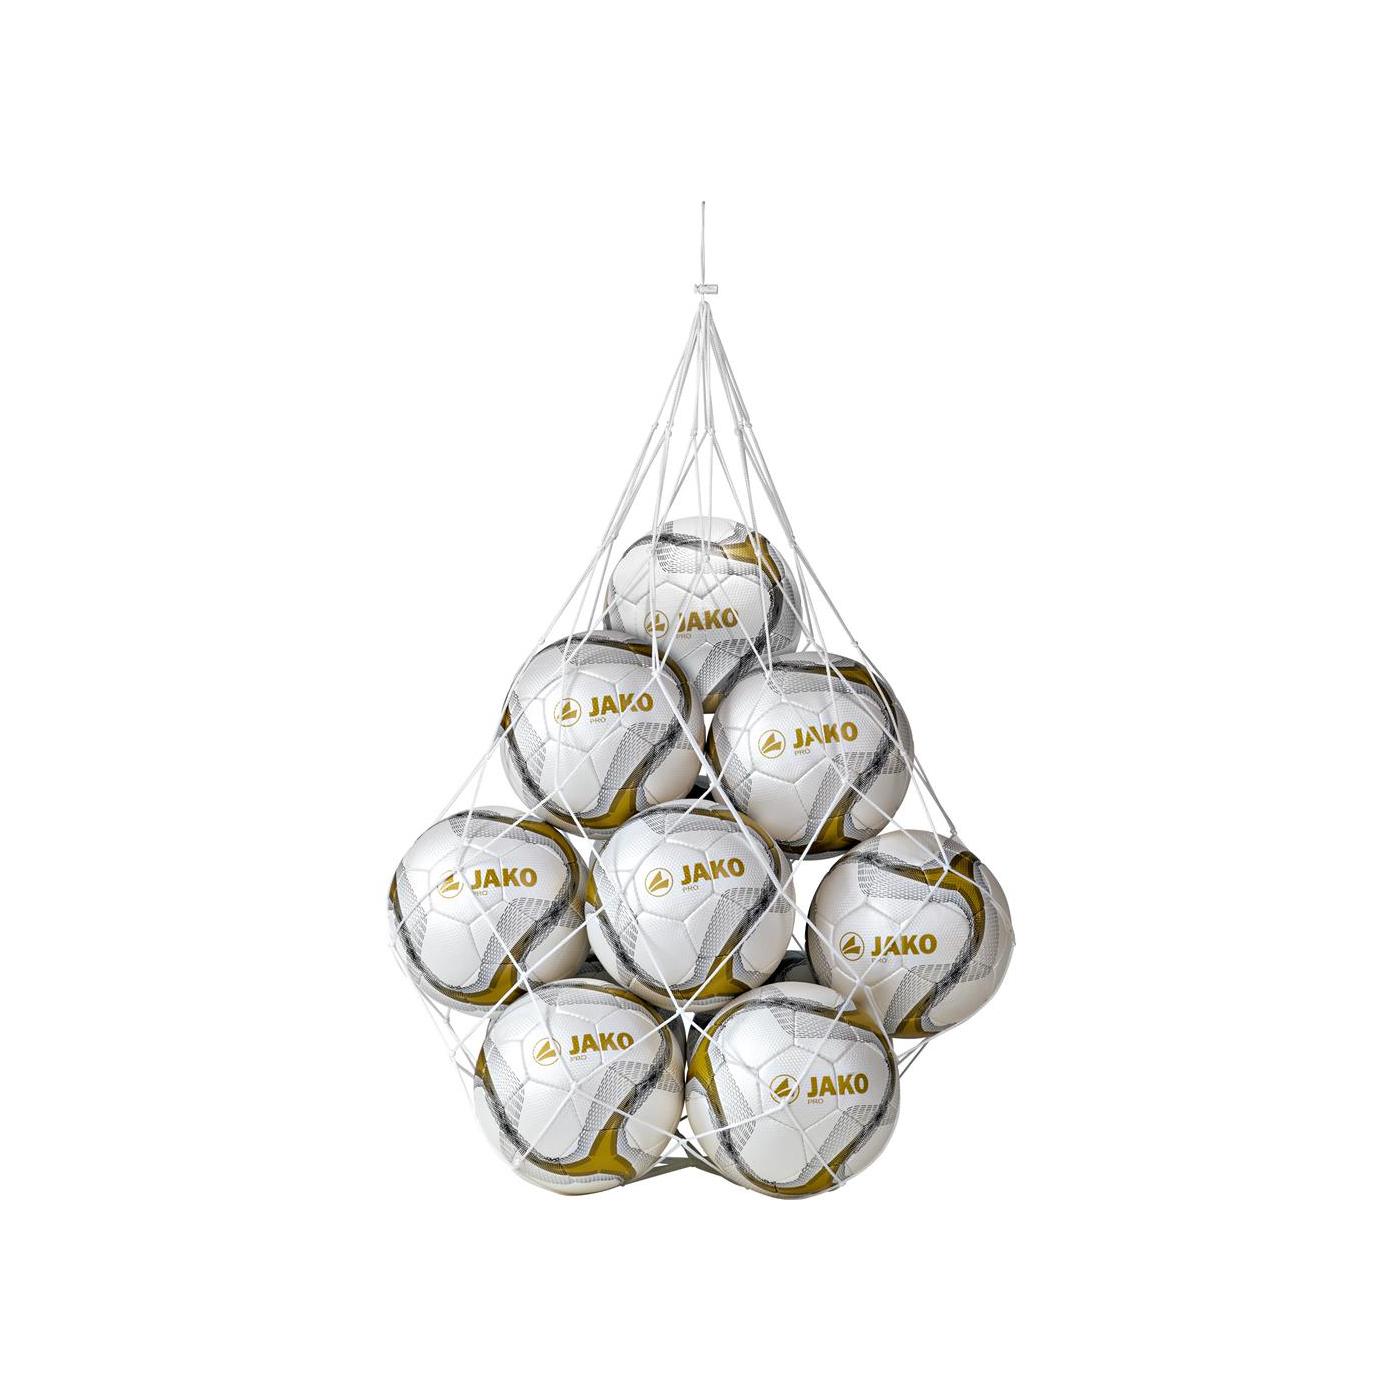 Jako Ballnetz für 10 Bälle 2390 - weiß